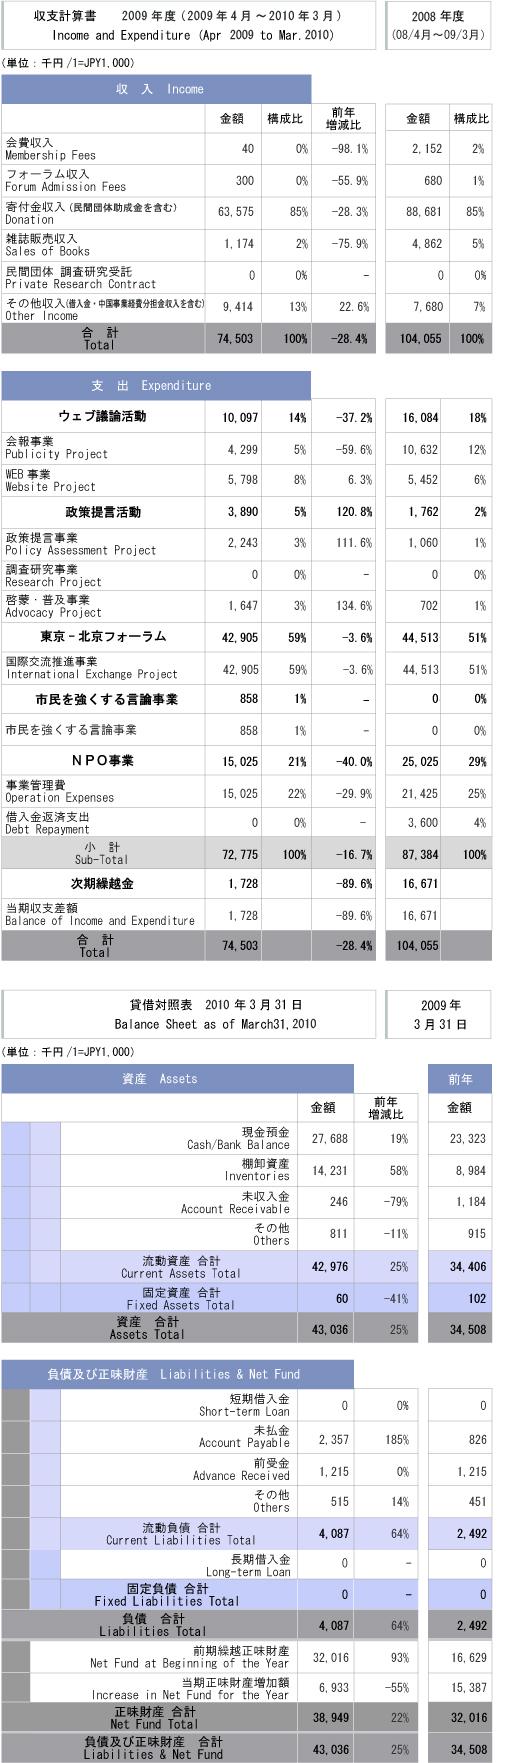 平成21年度 収支計算書/貸借対照表